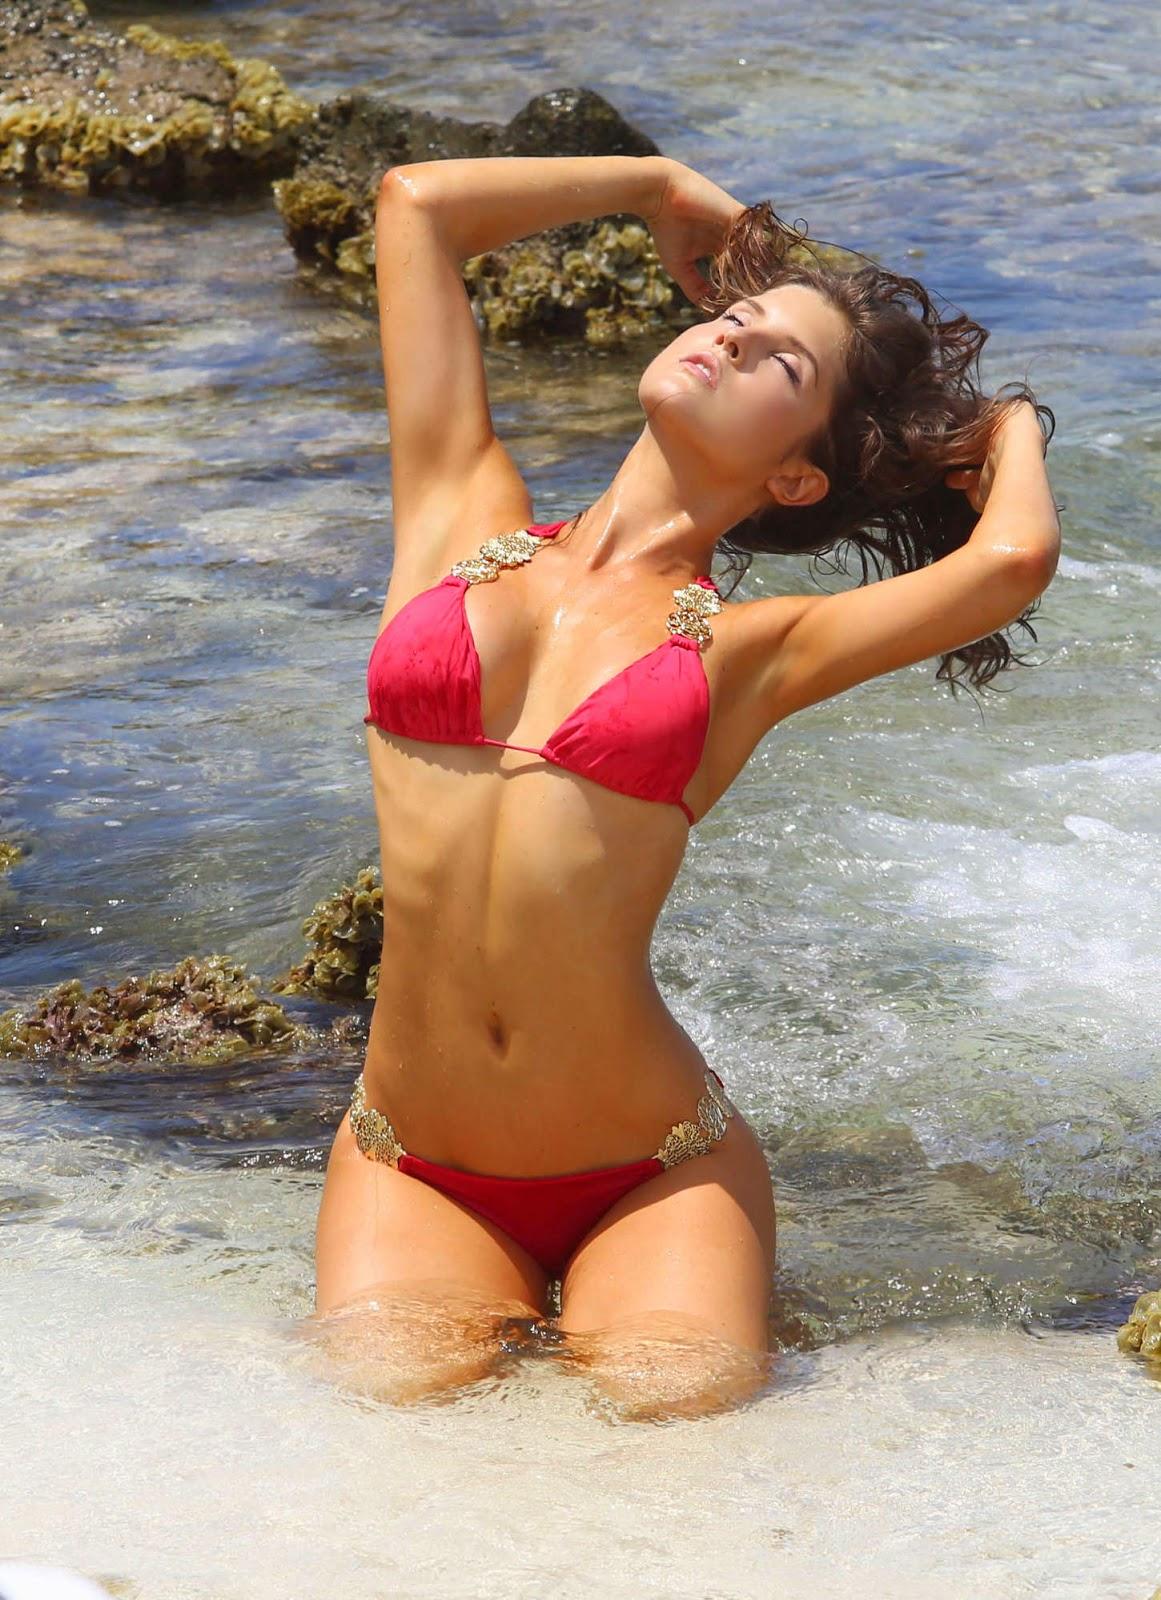 أماندا سيرني بالبكيني الأحمر خلال تصوير فيديو كليب